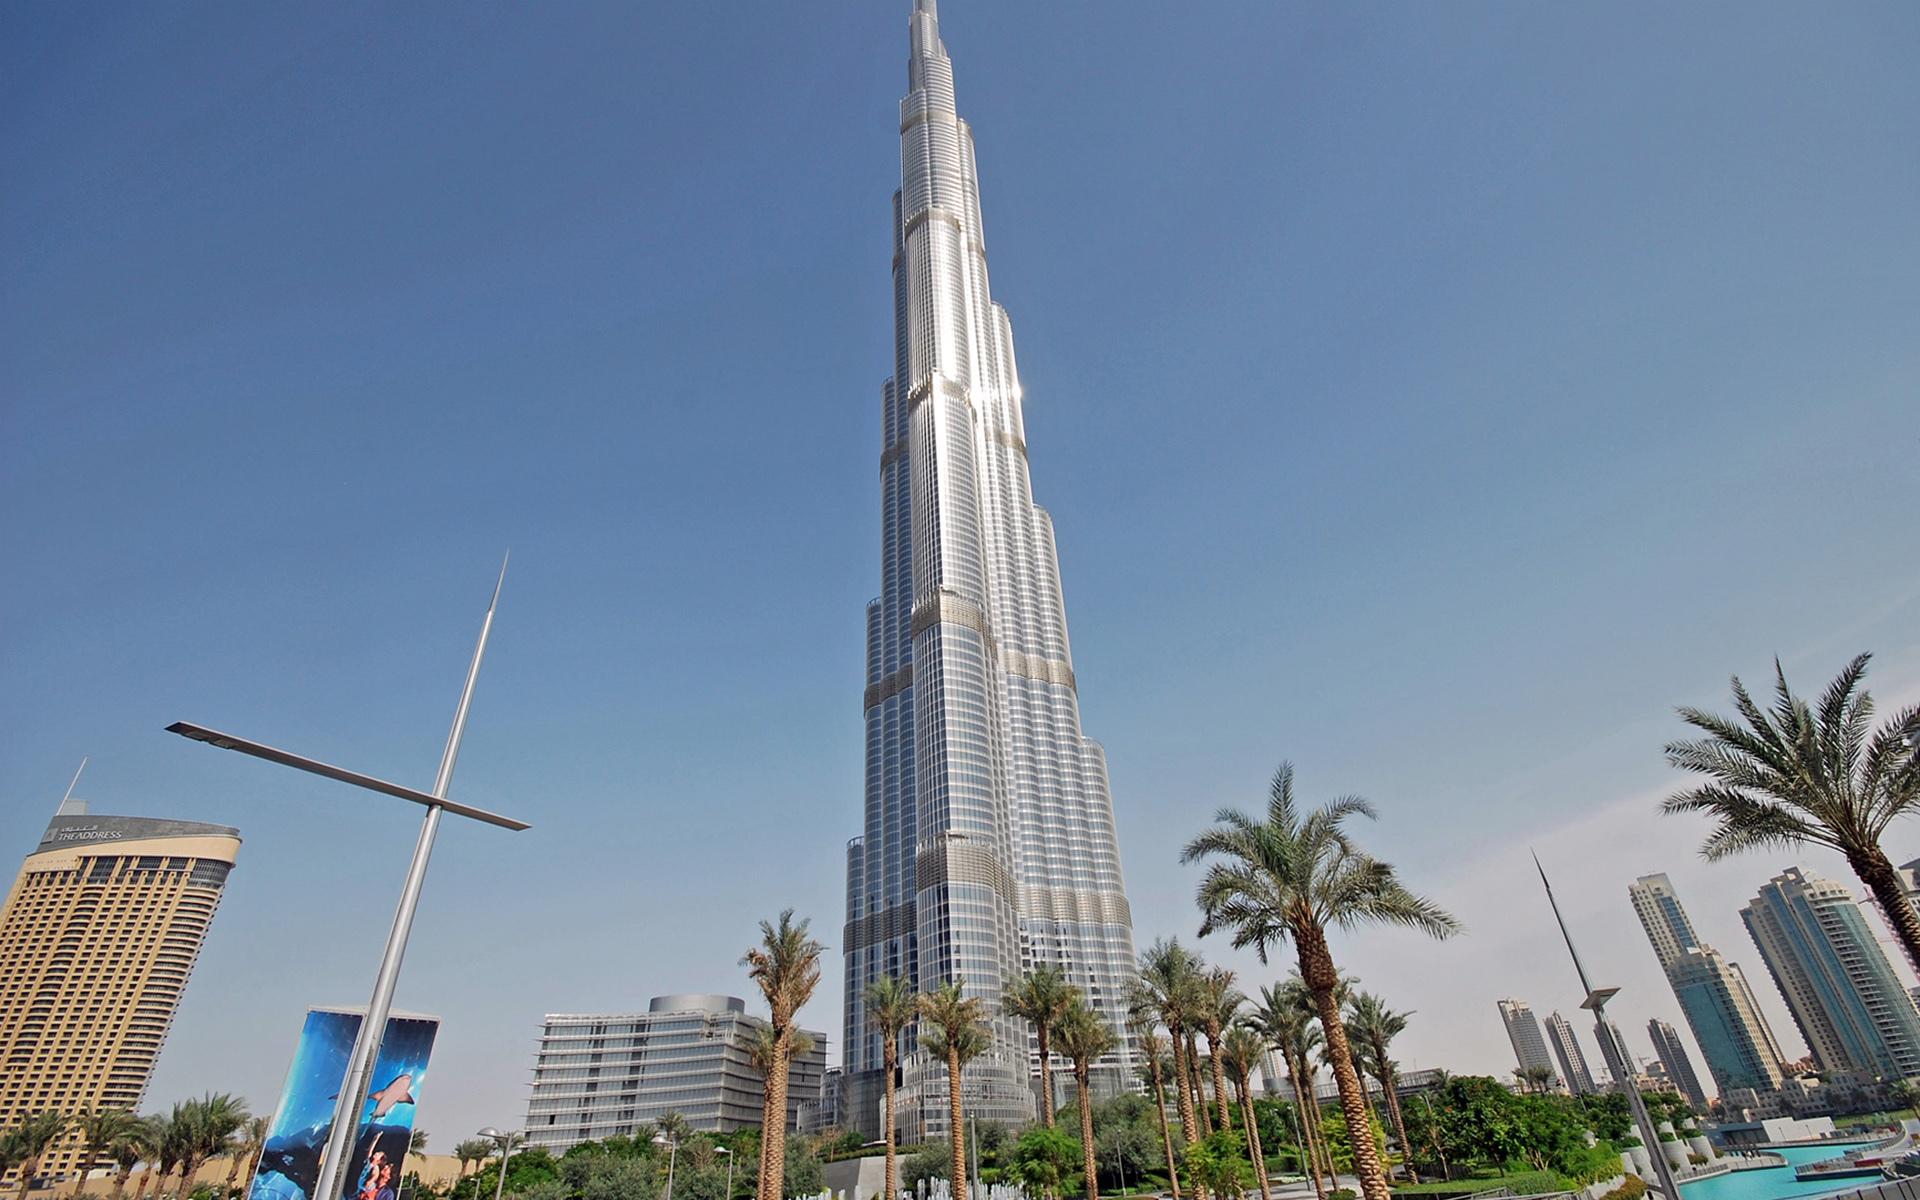 edificios de dubai emiratos rabes unidos